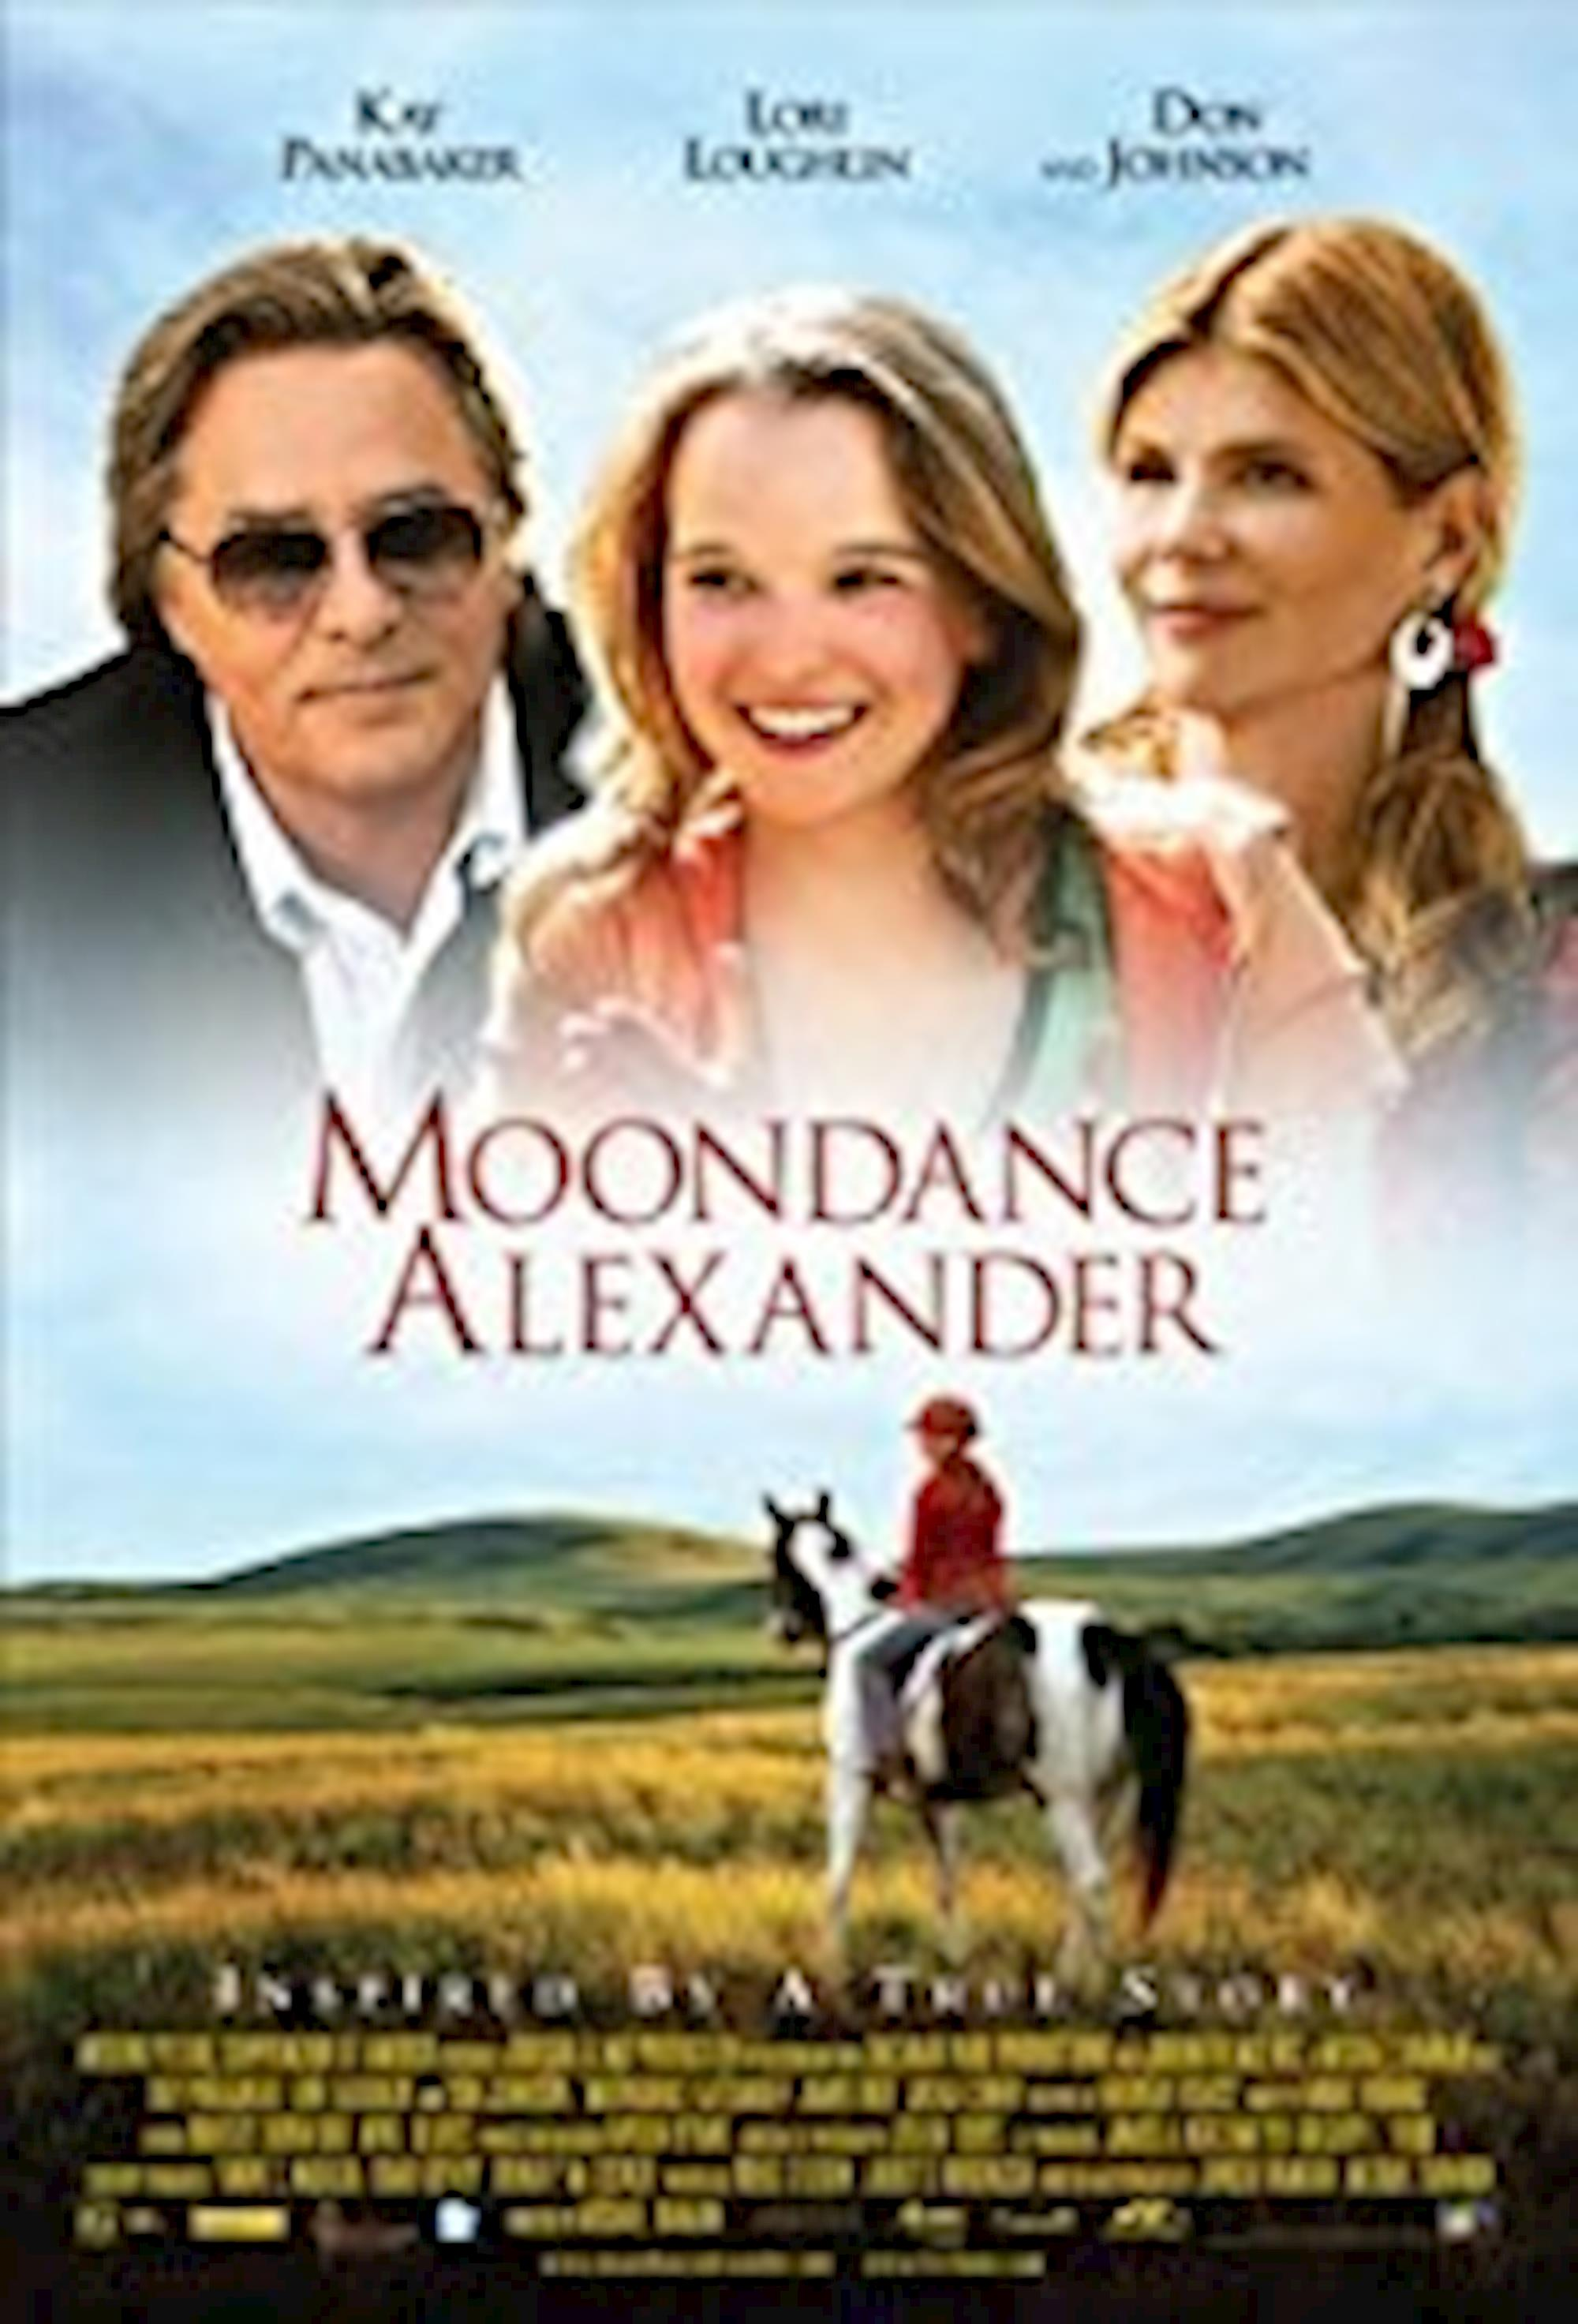 filmes de cavalos,dicas de filmes, Mondance Alexander,